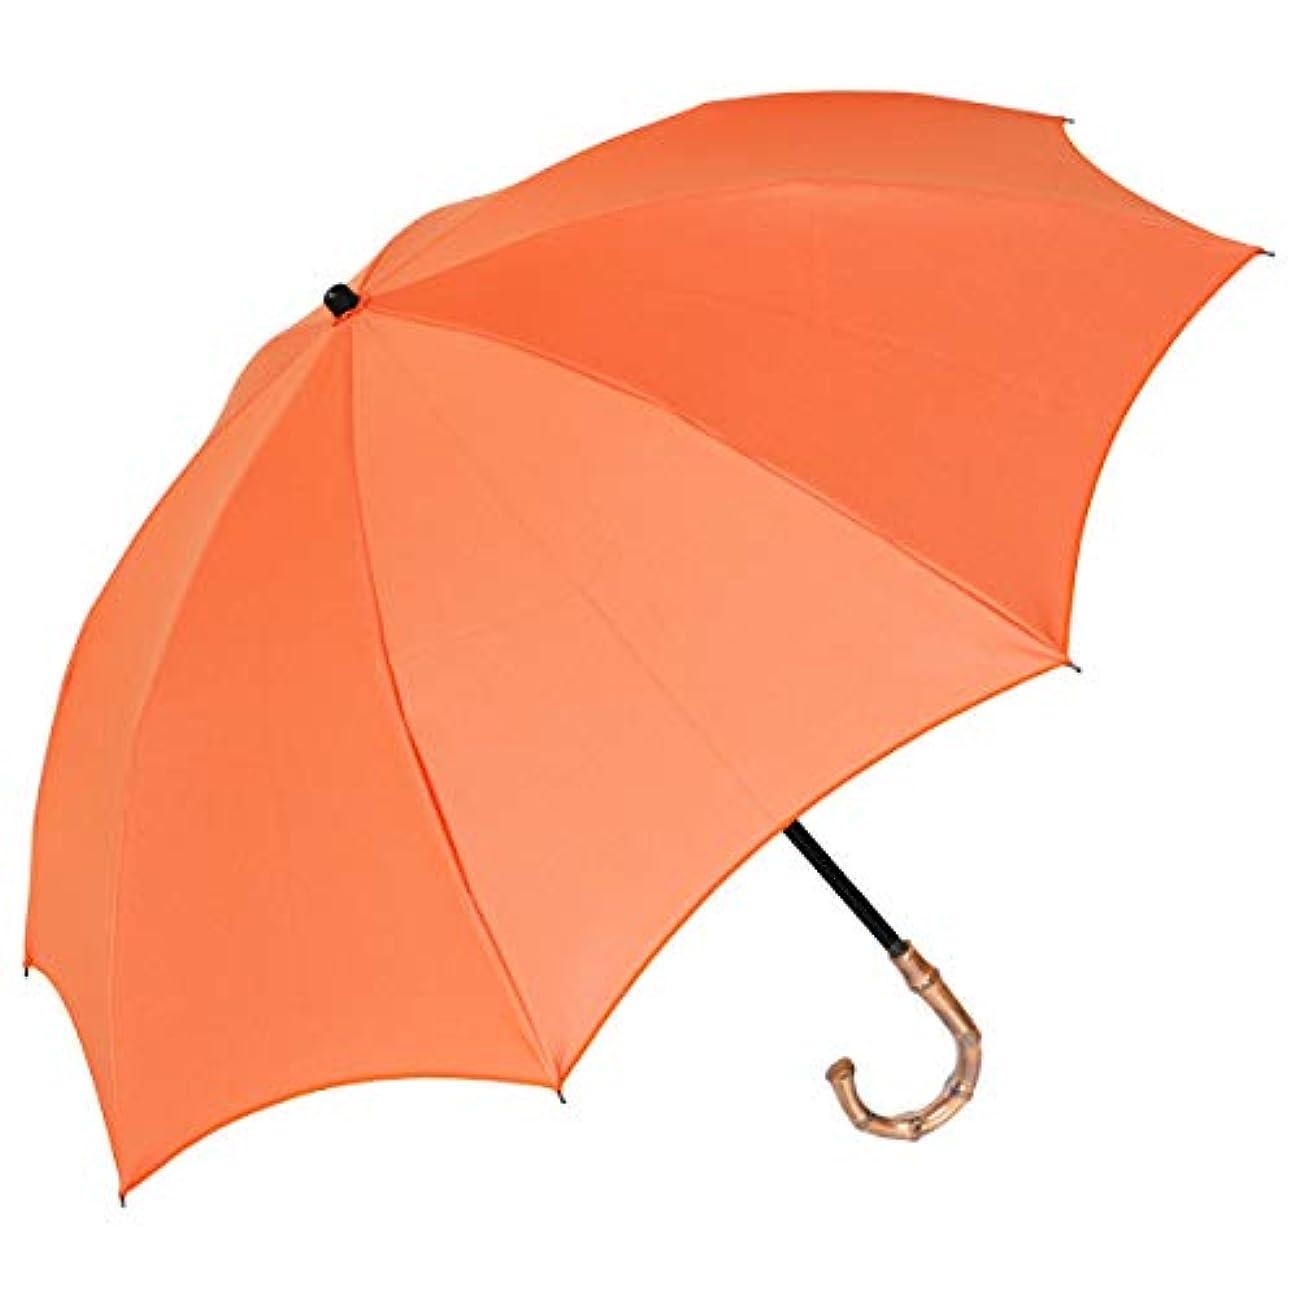 ほうき口述するモンク【Rose Blanc】100%完全遮光 日傘 晴雨兼用 2段折りたたみ プレーン 50cm (バレンシアオレンジ)